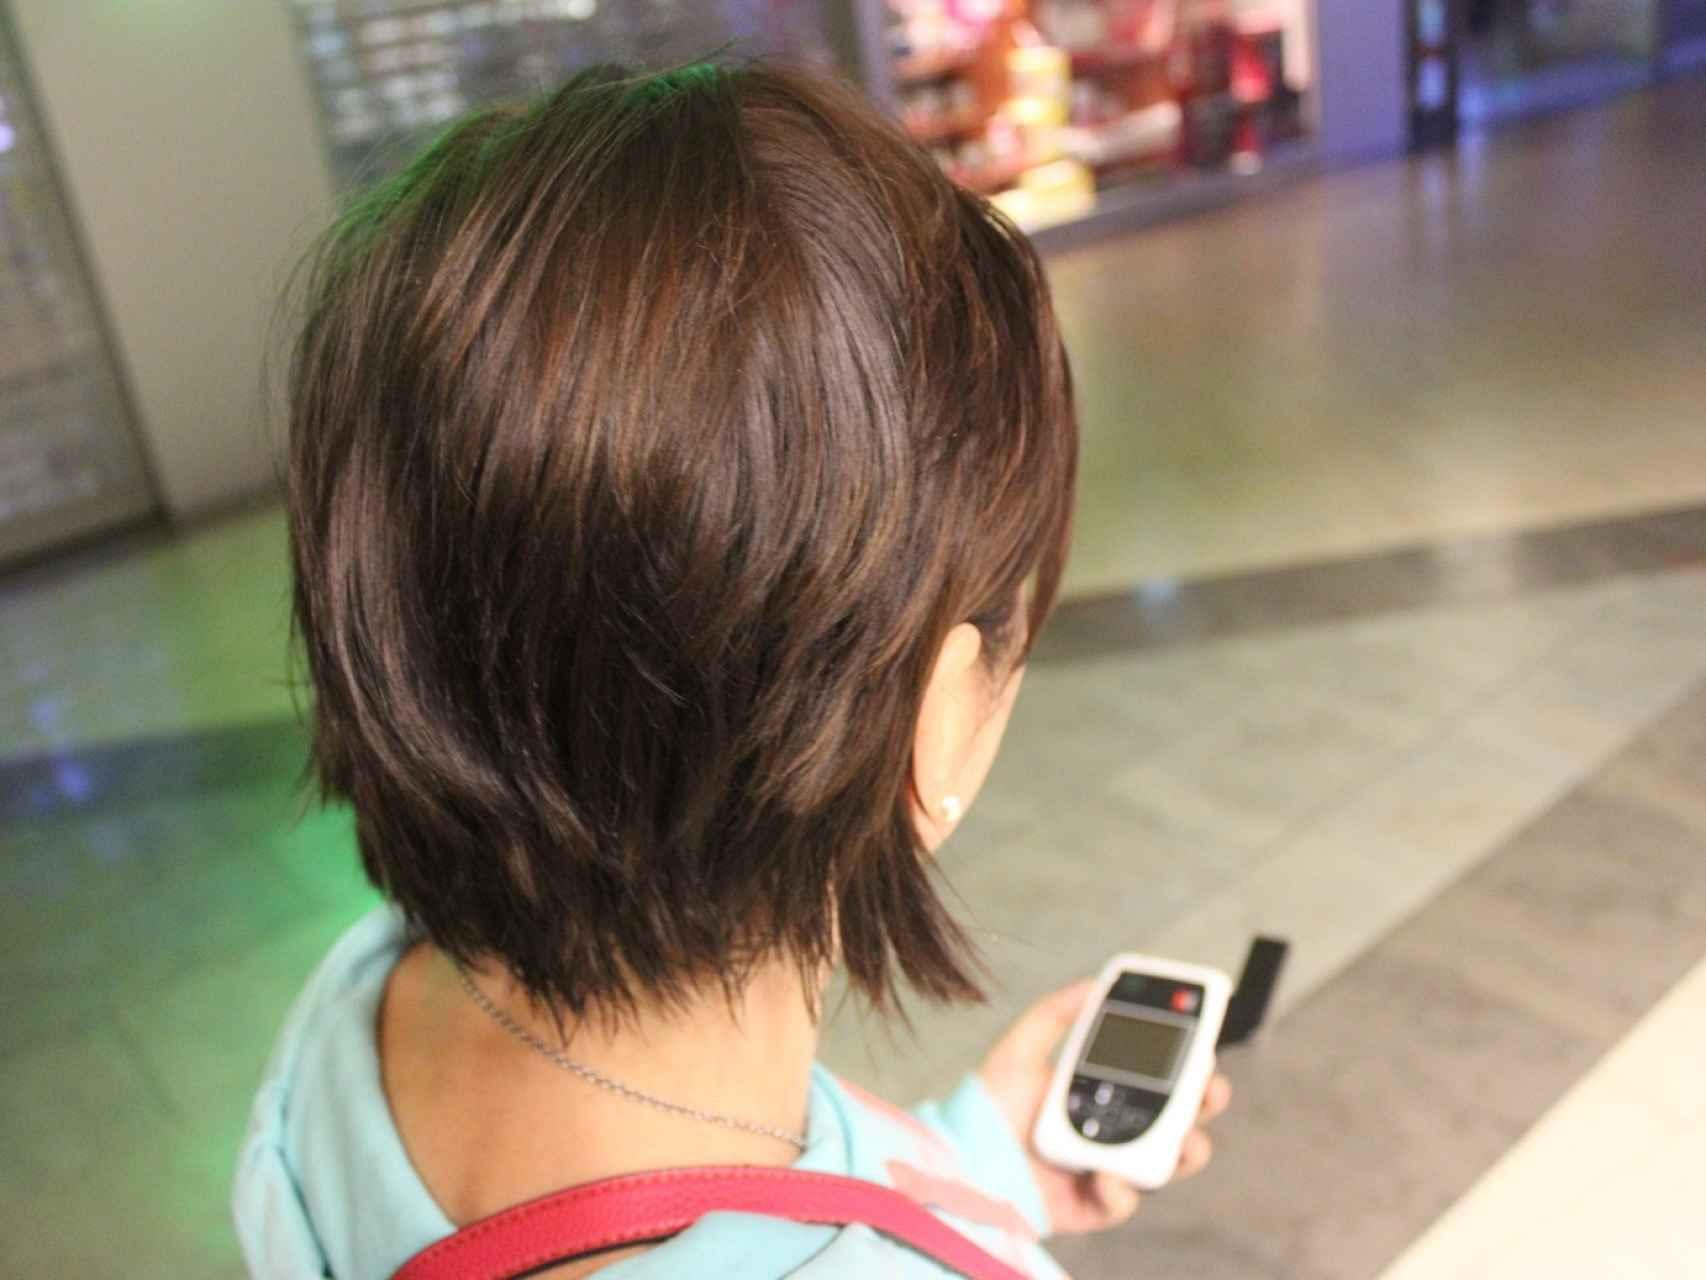 Vanesa muestra el dispositivo gps que le avisa si su agresor está cerca.